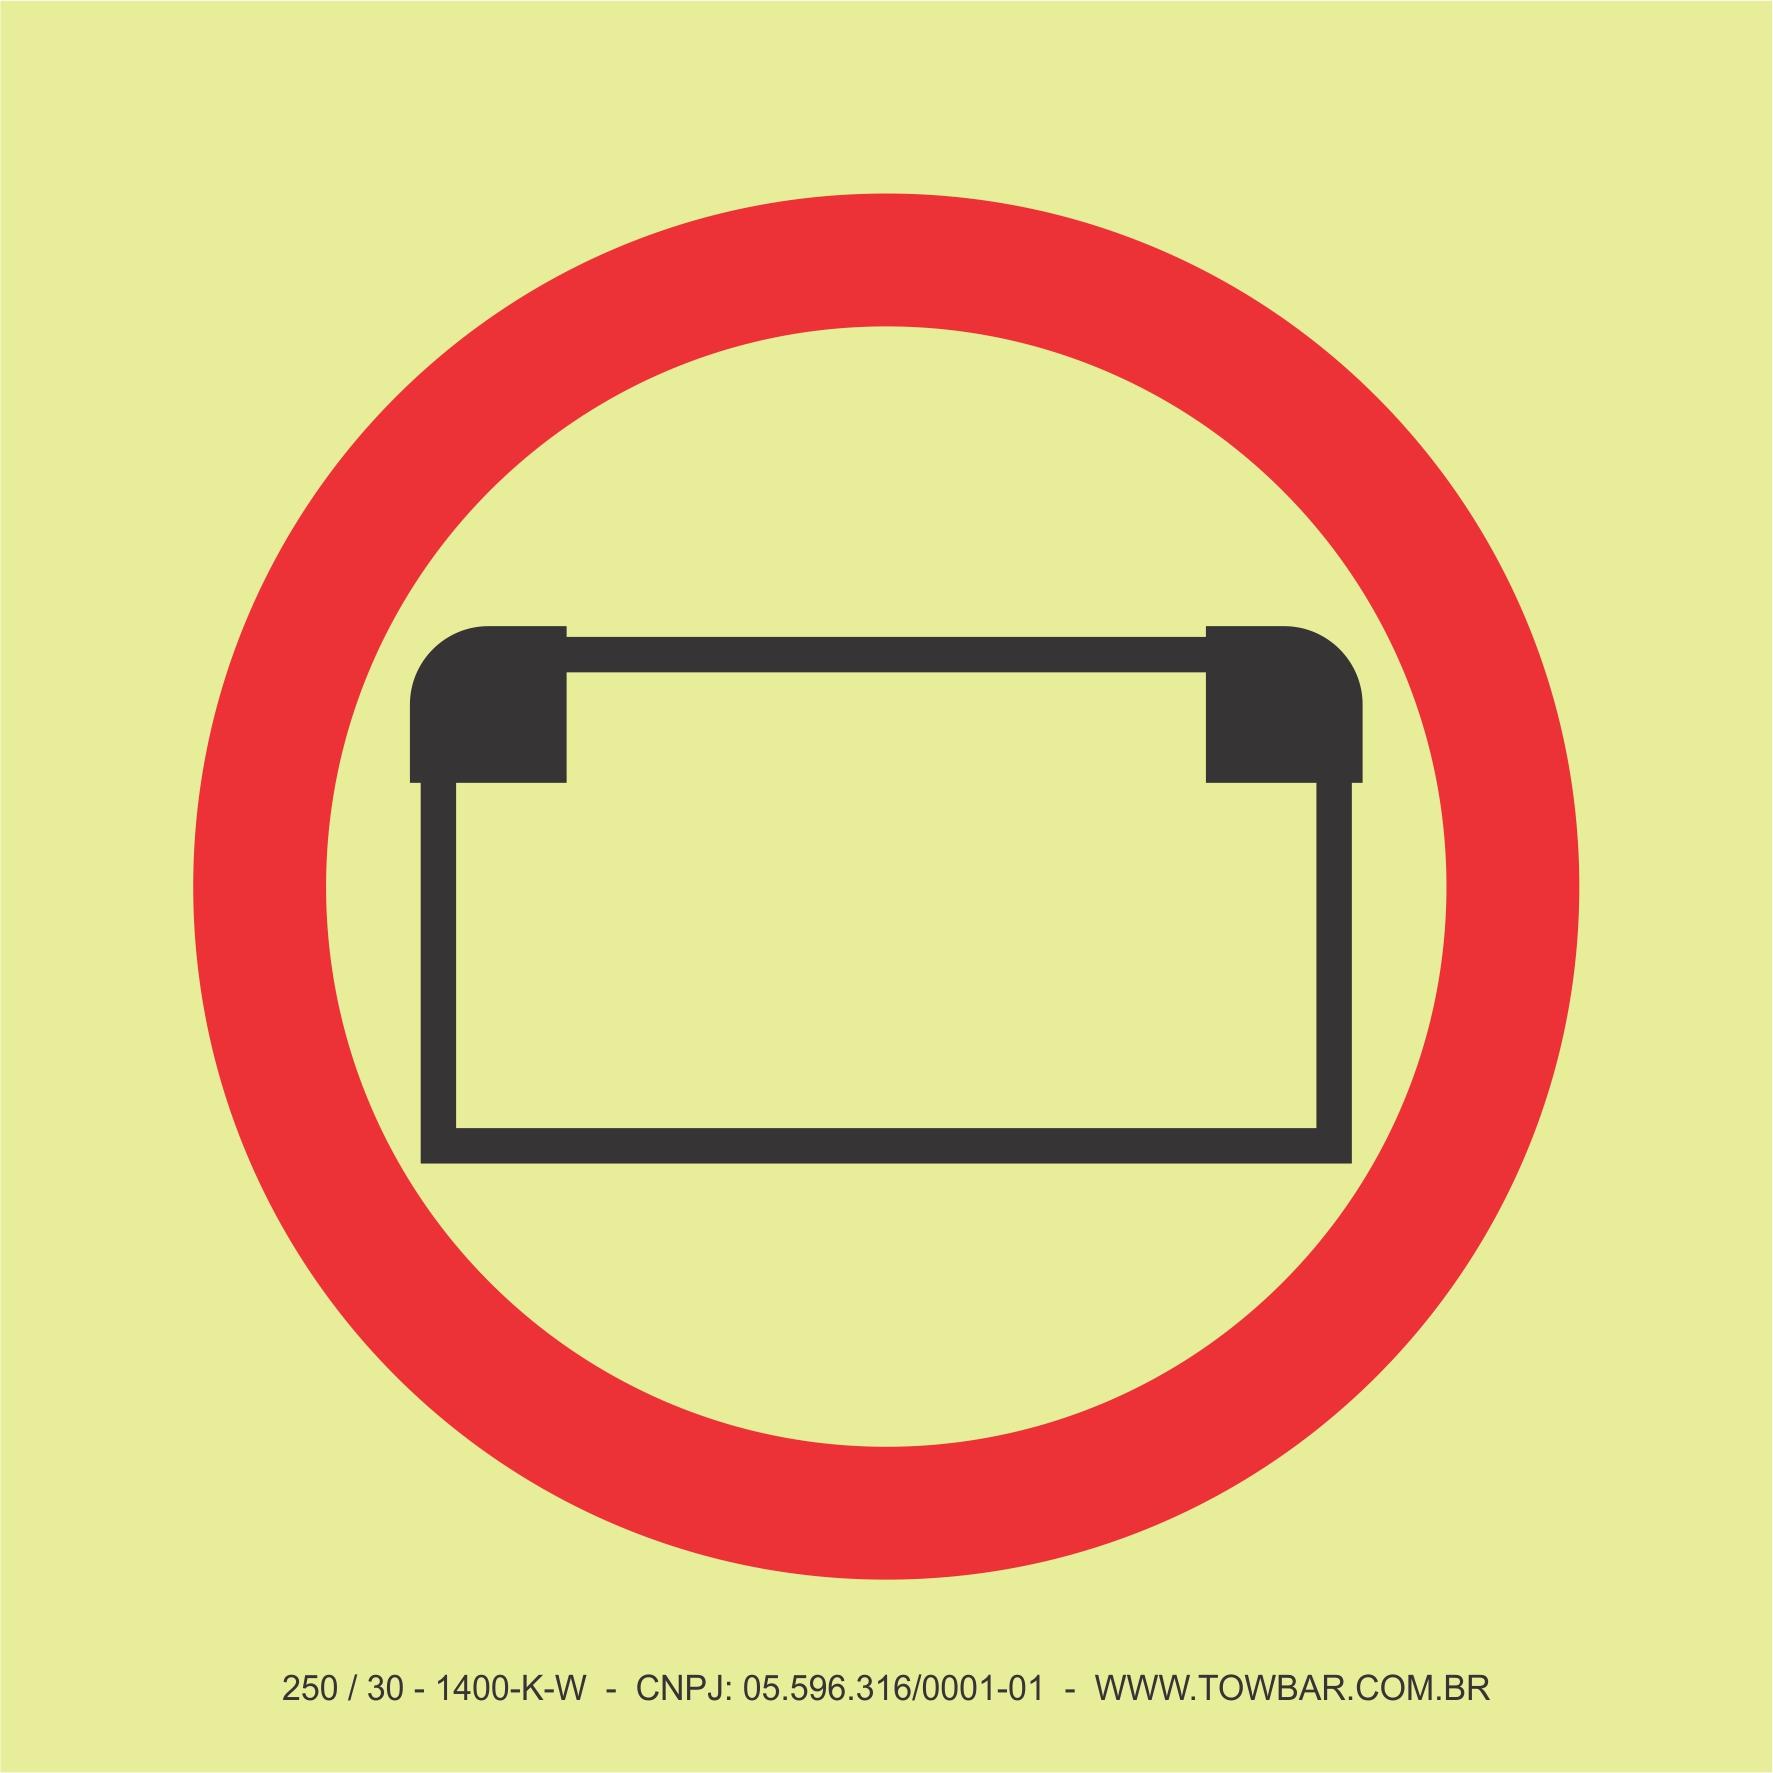 Gerador de Emergência de Energia Elétrica (bateria) (Emergency Source of Electrical Power (Battery))  - Towbar Sinalização de Segurança